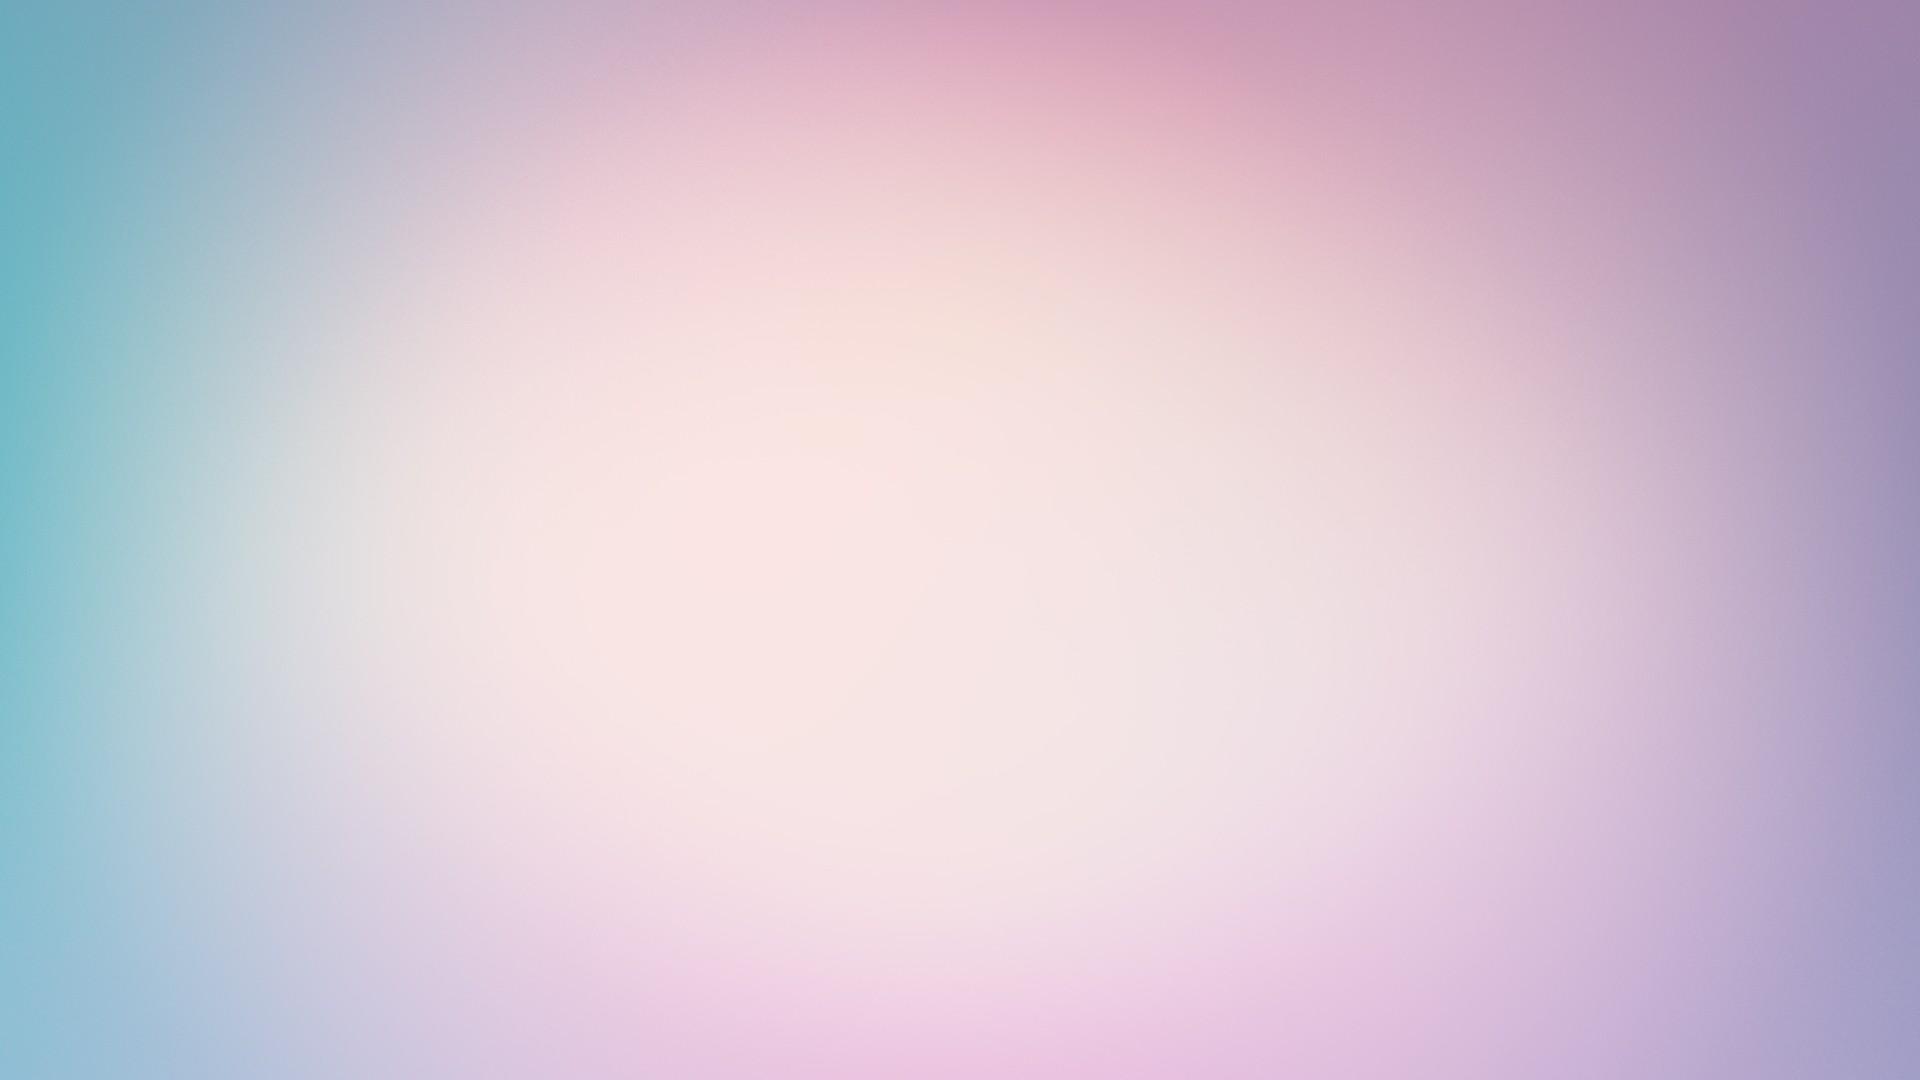 Как в фотошопе сделать рисунок однотонным